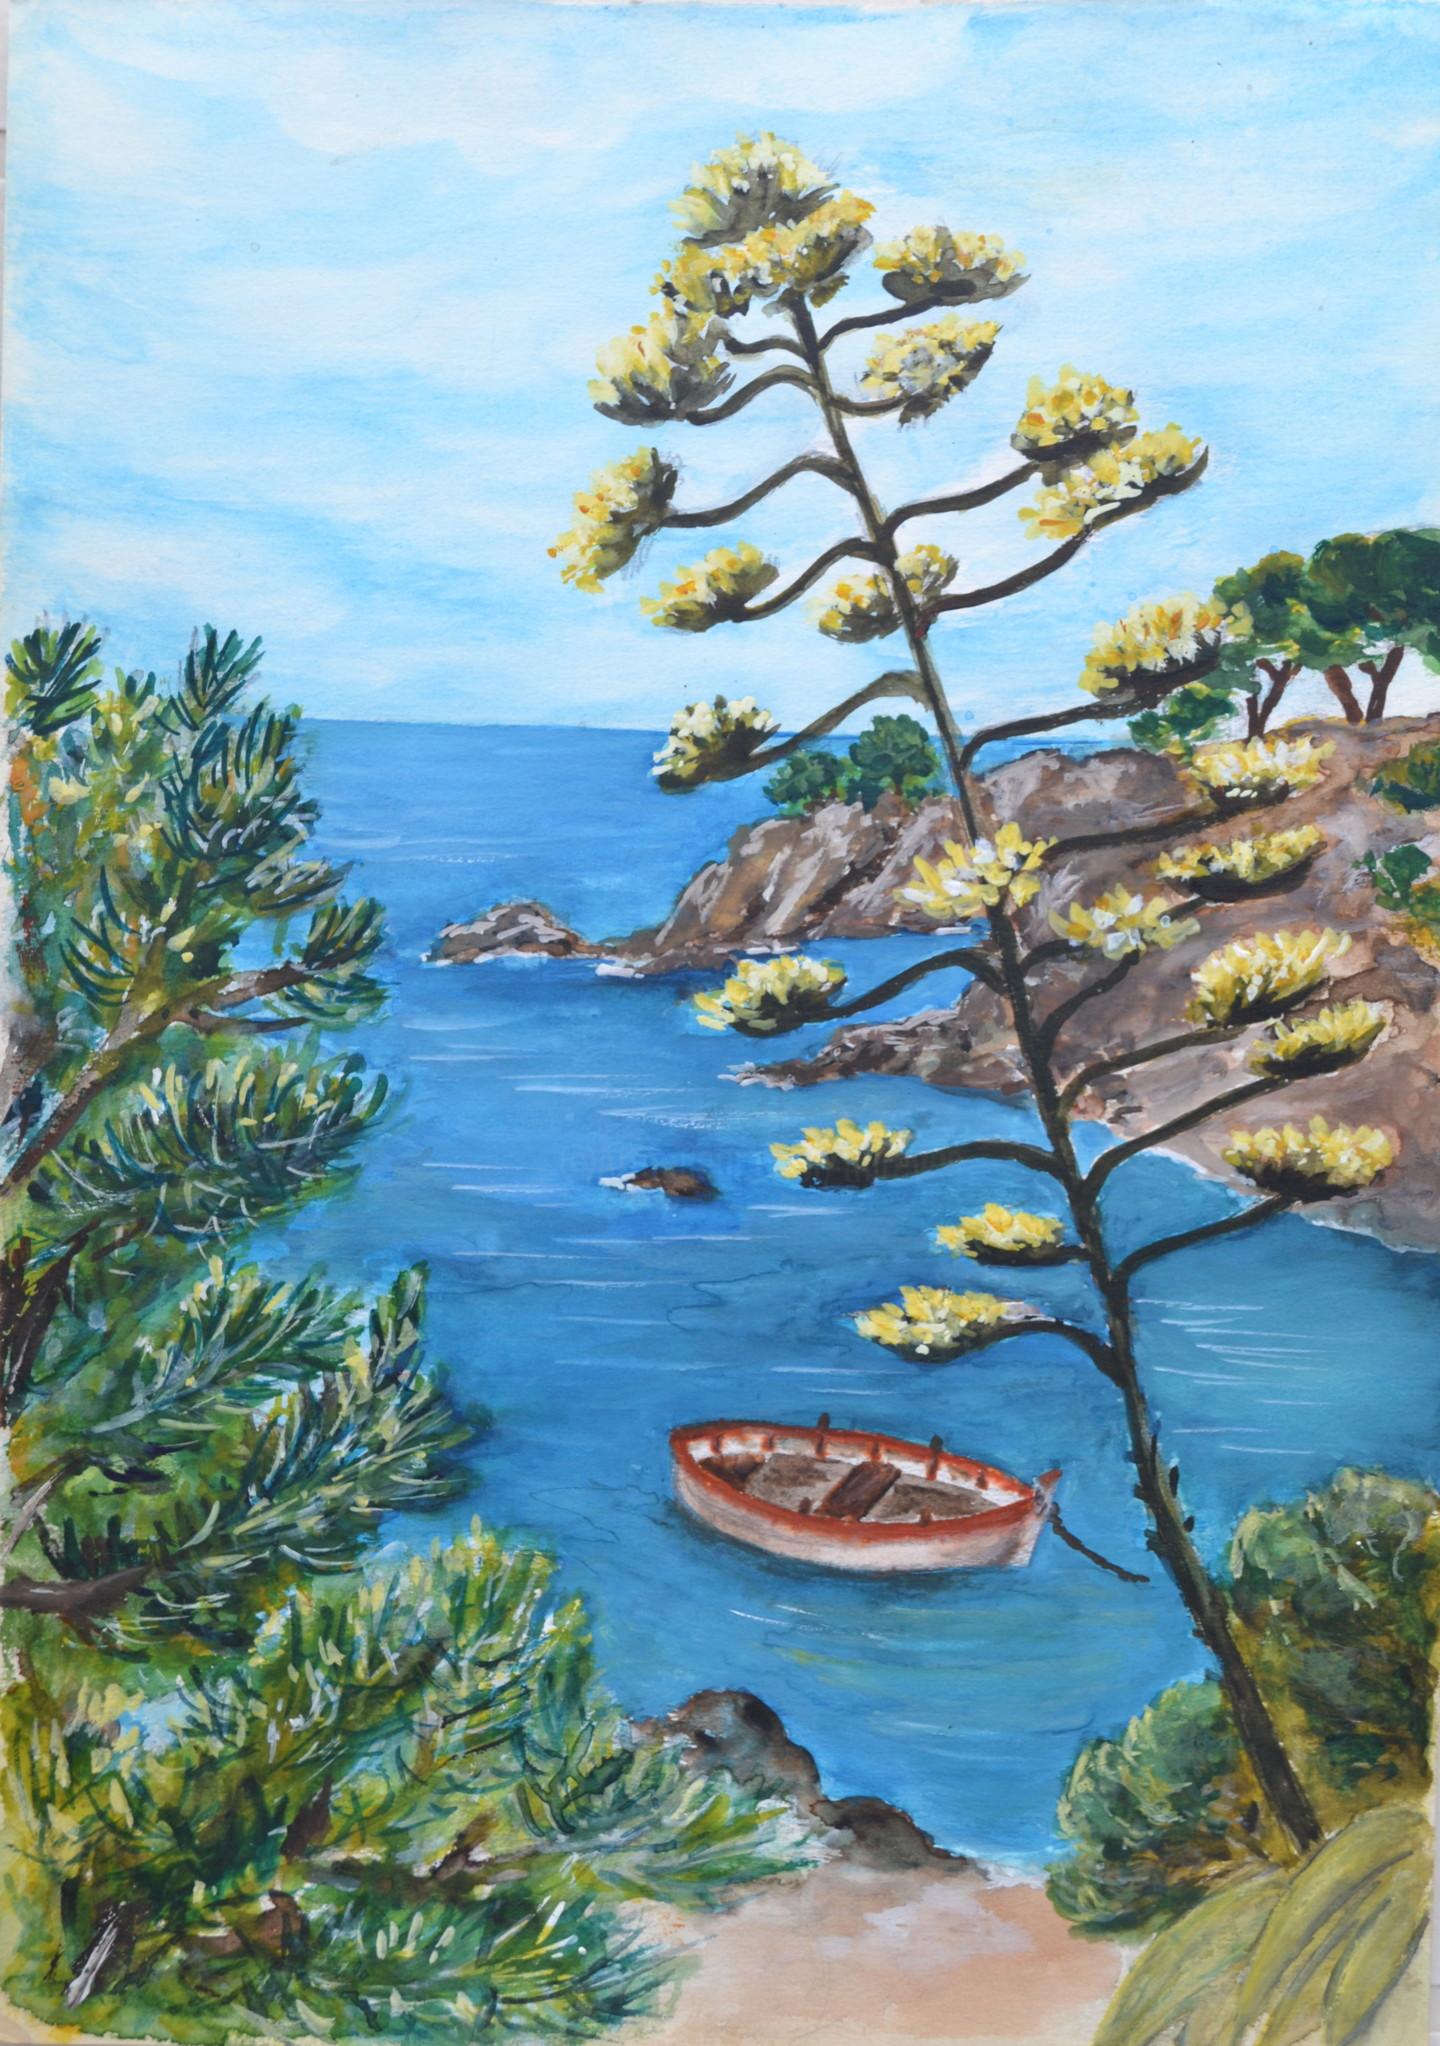 Marie-Josée Reyes - Barque dans une crique de la côte vermeille